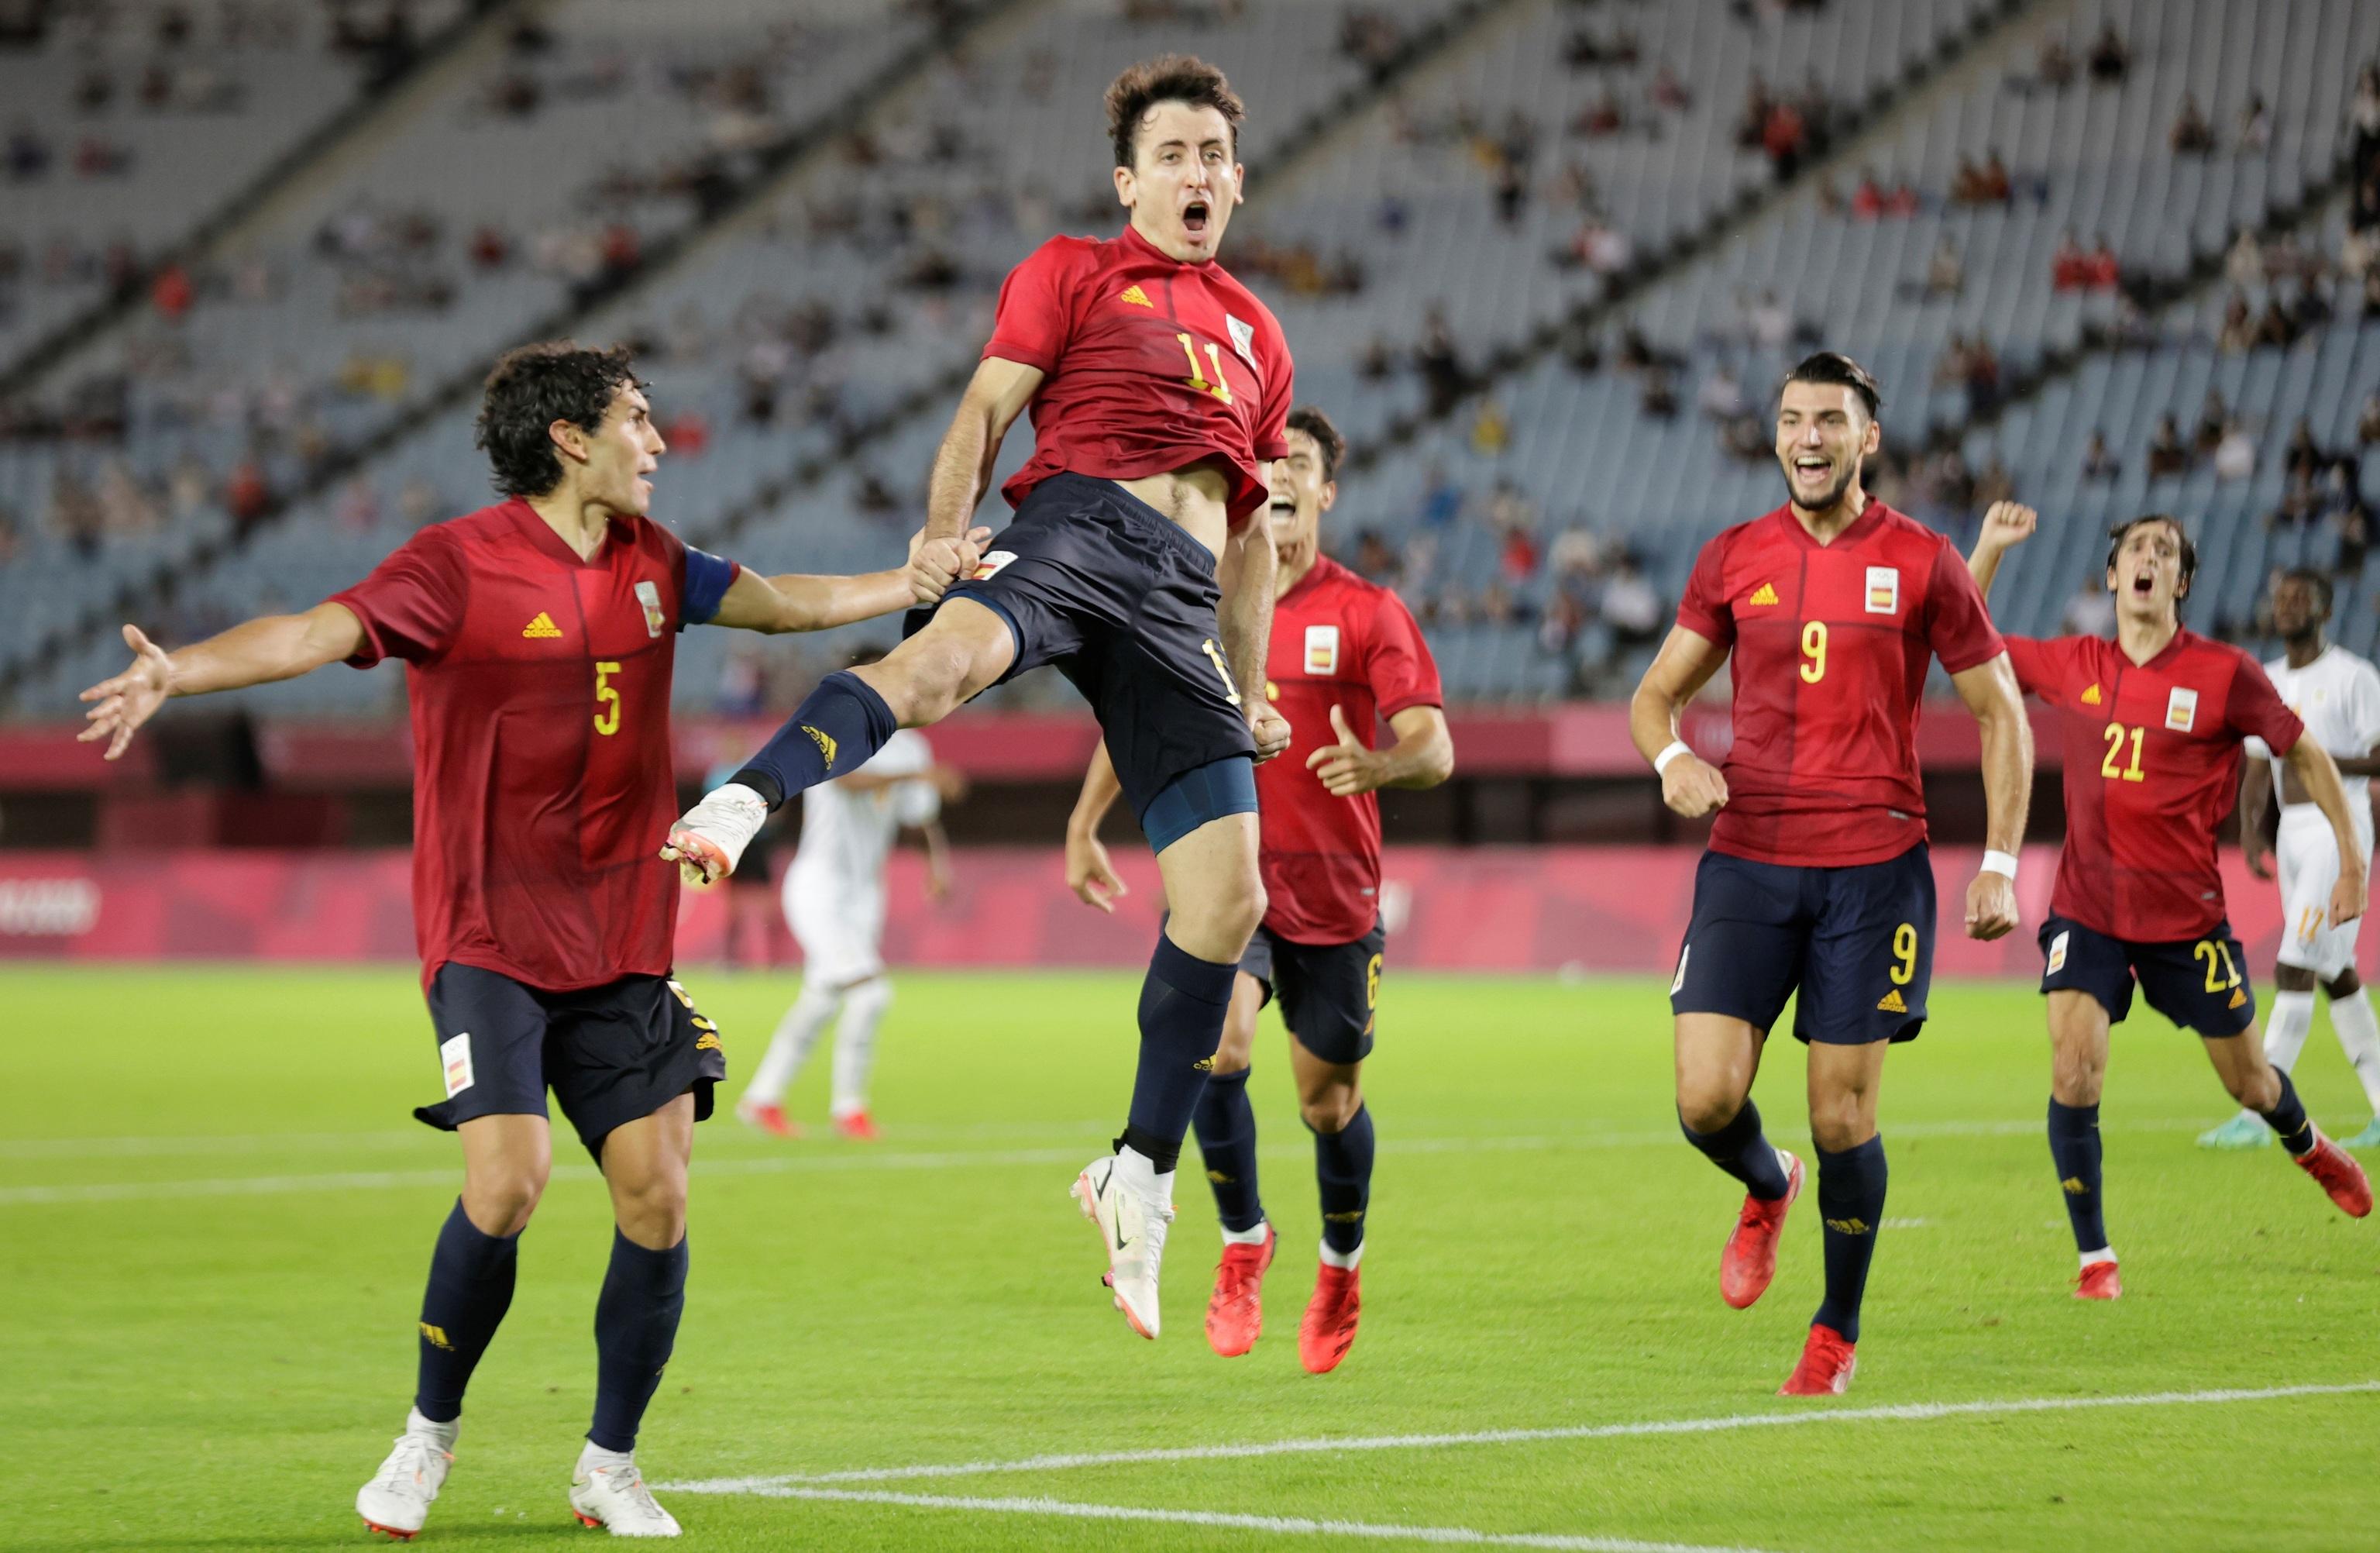 Oyarzabal España - fútbol - Juegos Olímpicos 2021 - Tokio 2020